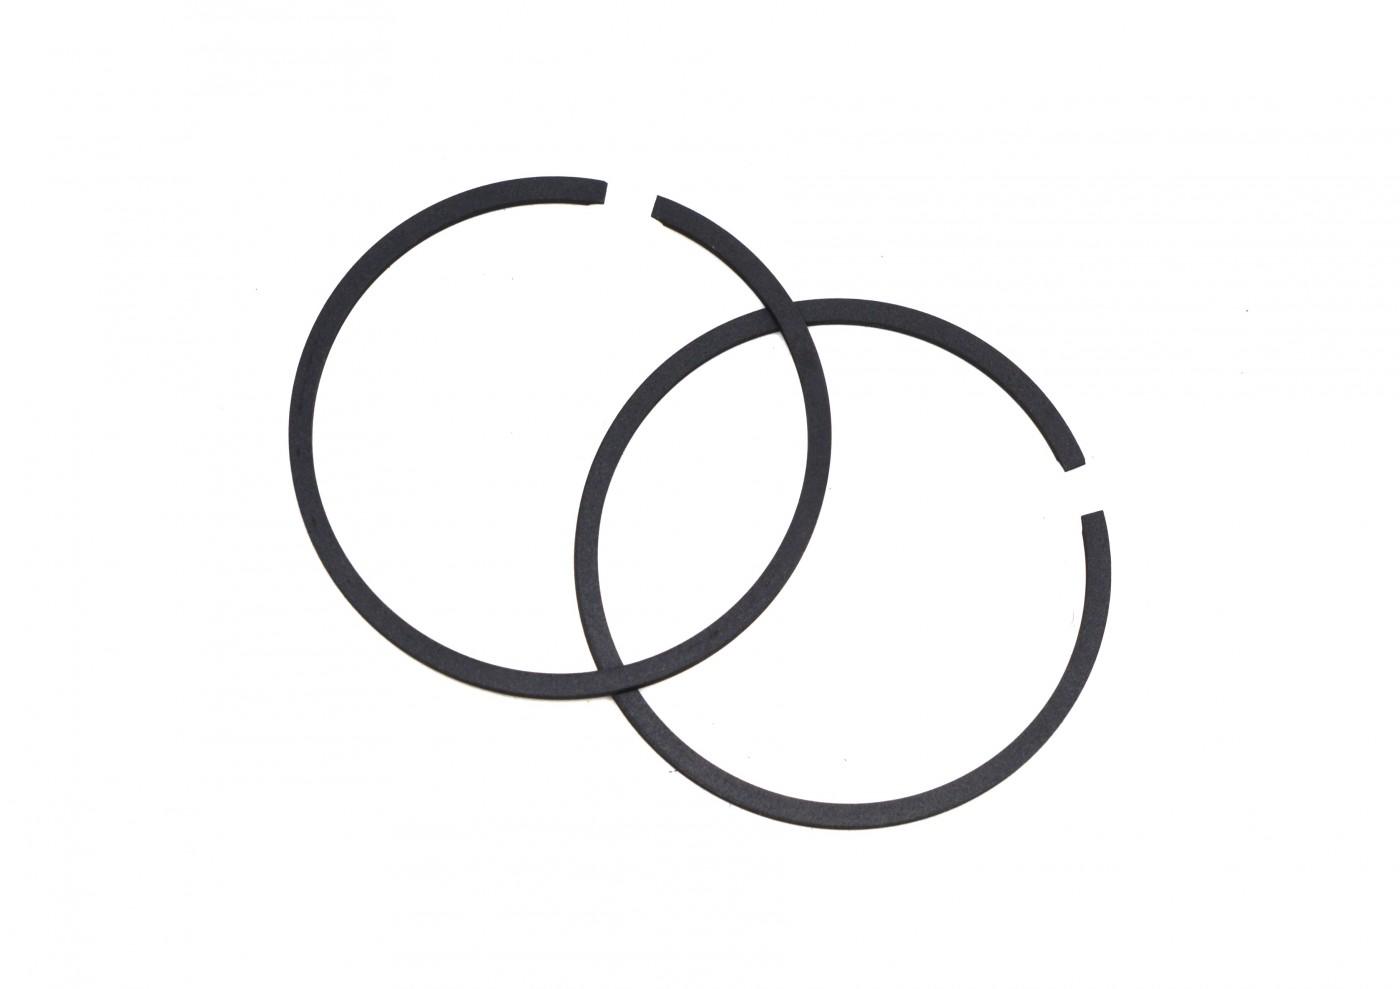 Súprava piestnych krúžkov - 41 mm